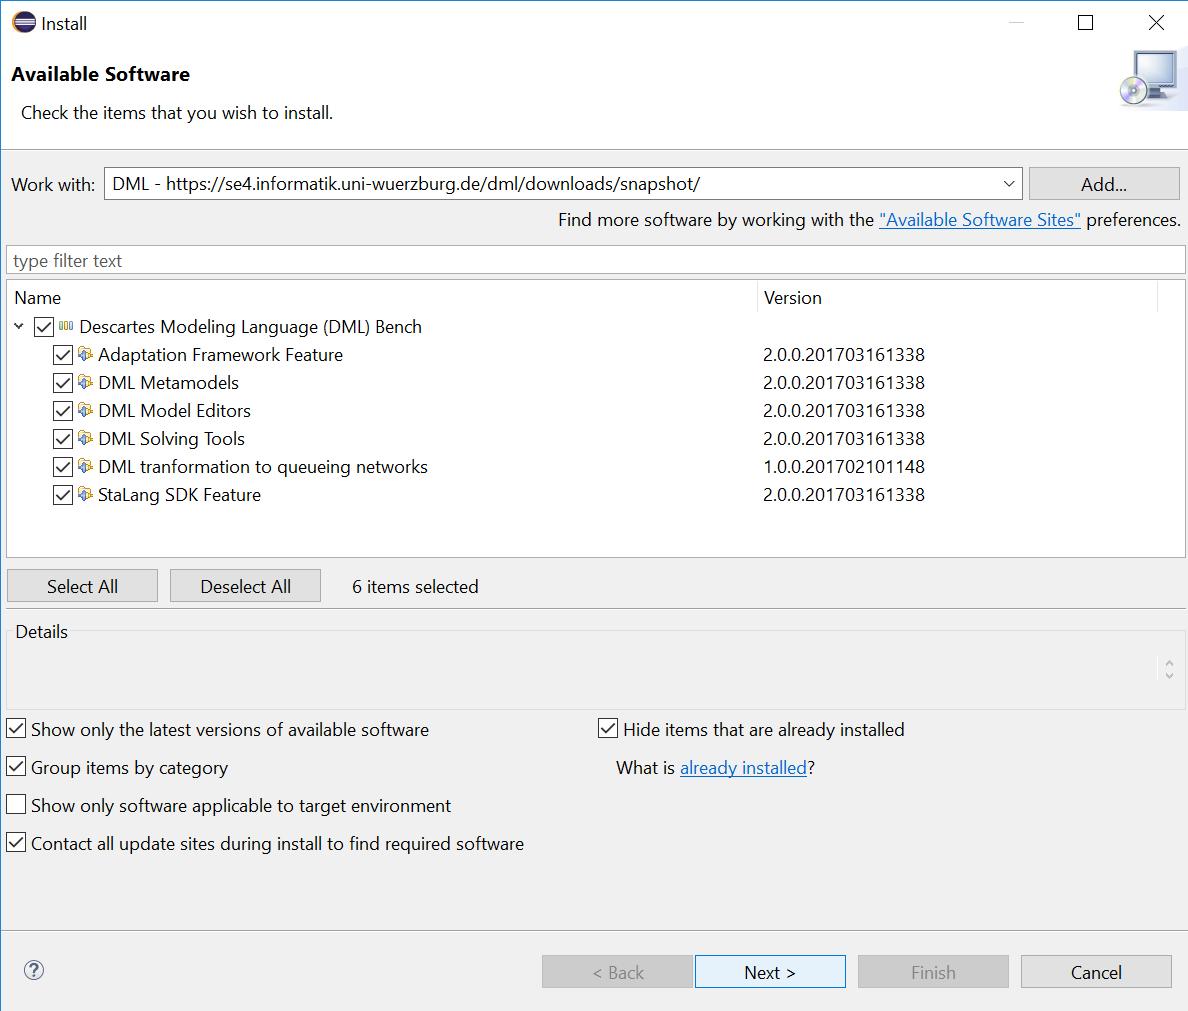 tools.descartes.dml.quickstart/figs/Screenshot(6).png